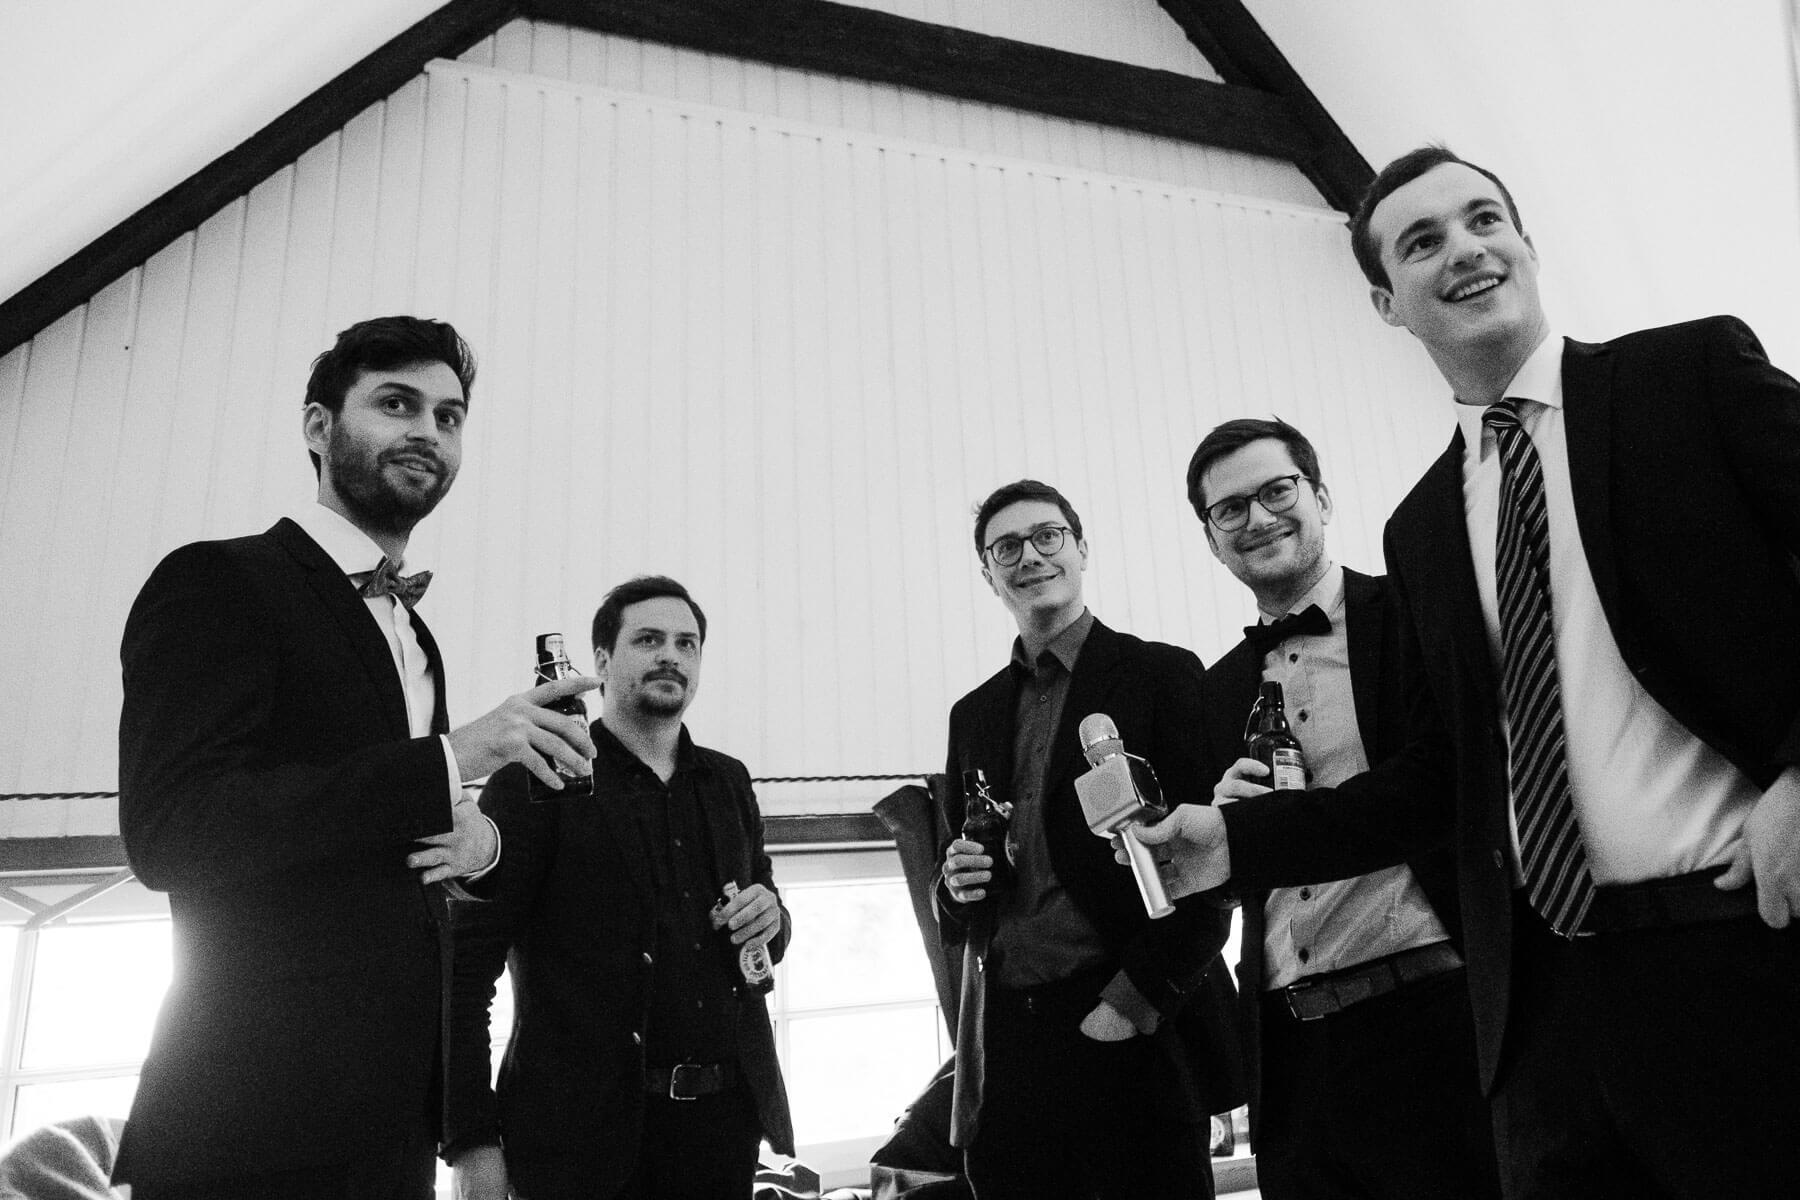 in einem Landhaus stehen 5 Männer zusammen, sie tragen einen Anzug, sie haben eine Flasche in der Hand, ihr Blick ist in die gleiche Richtung gerichtet, hinter ihnen ist ein weißer Holzgiebel zu sehen